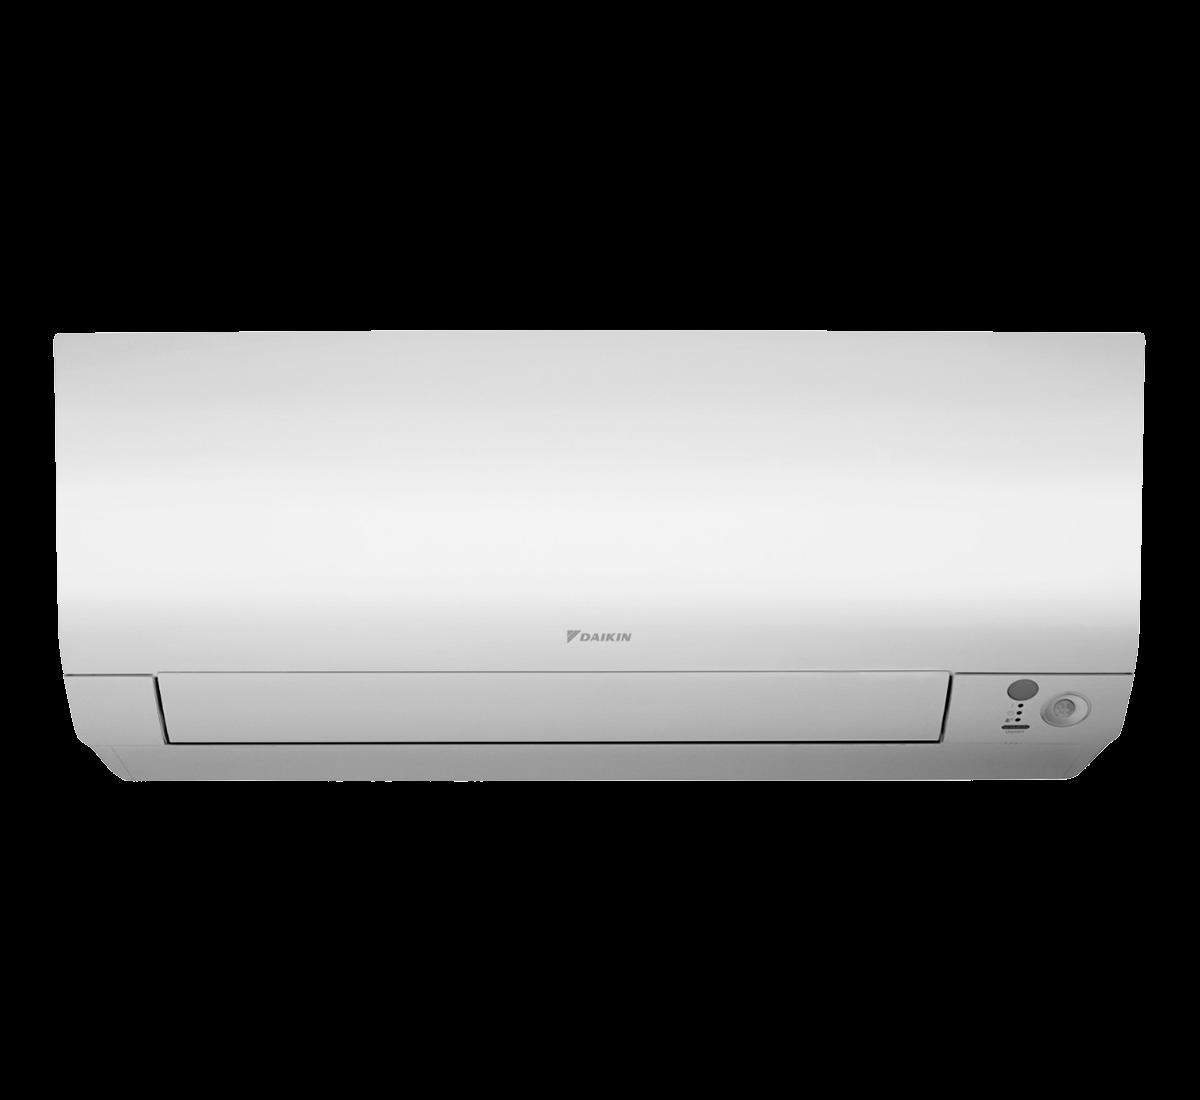 aire acondicionado unidad interior daikin inverter bluevolution ftxm25n modelo perfera txm25n instalacion incluida caseragua 01